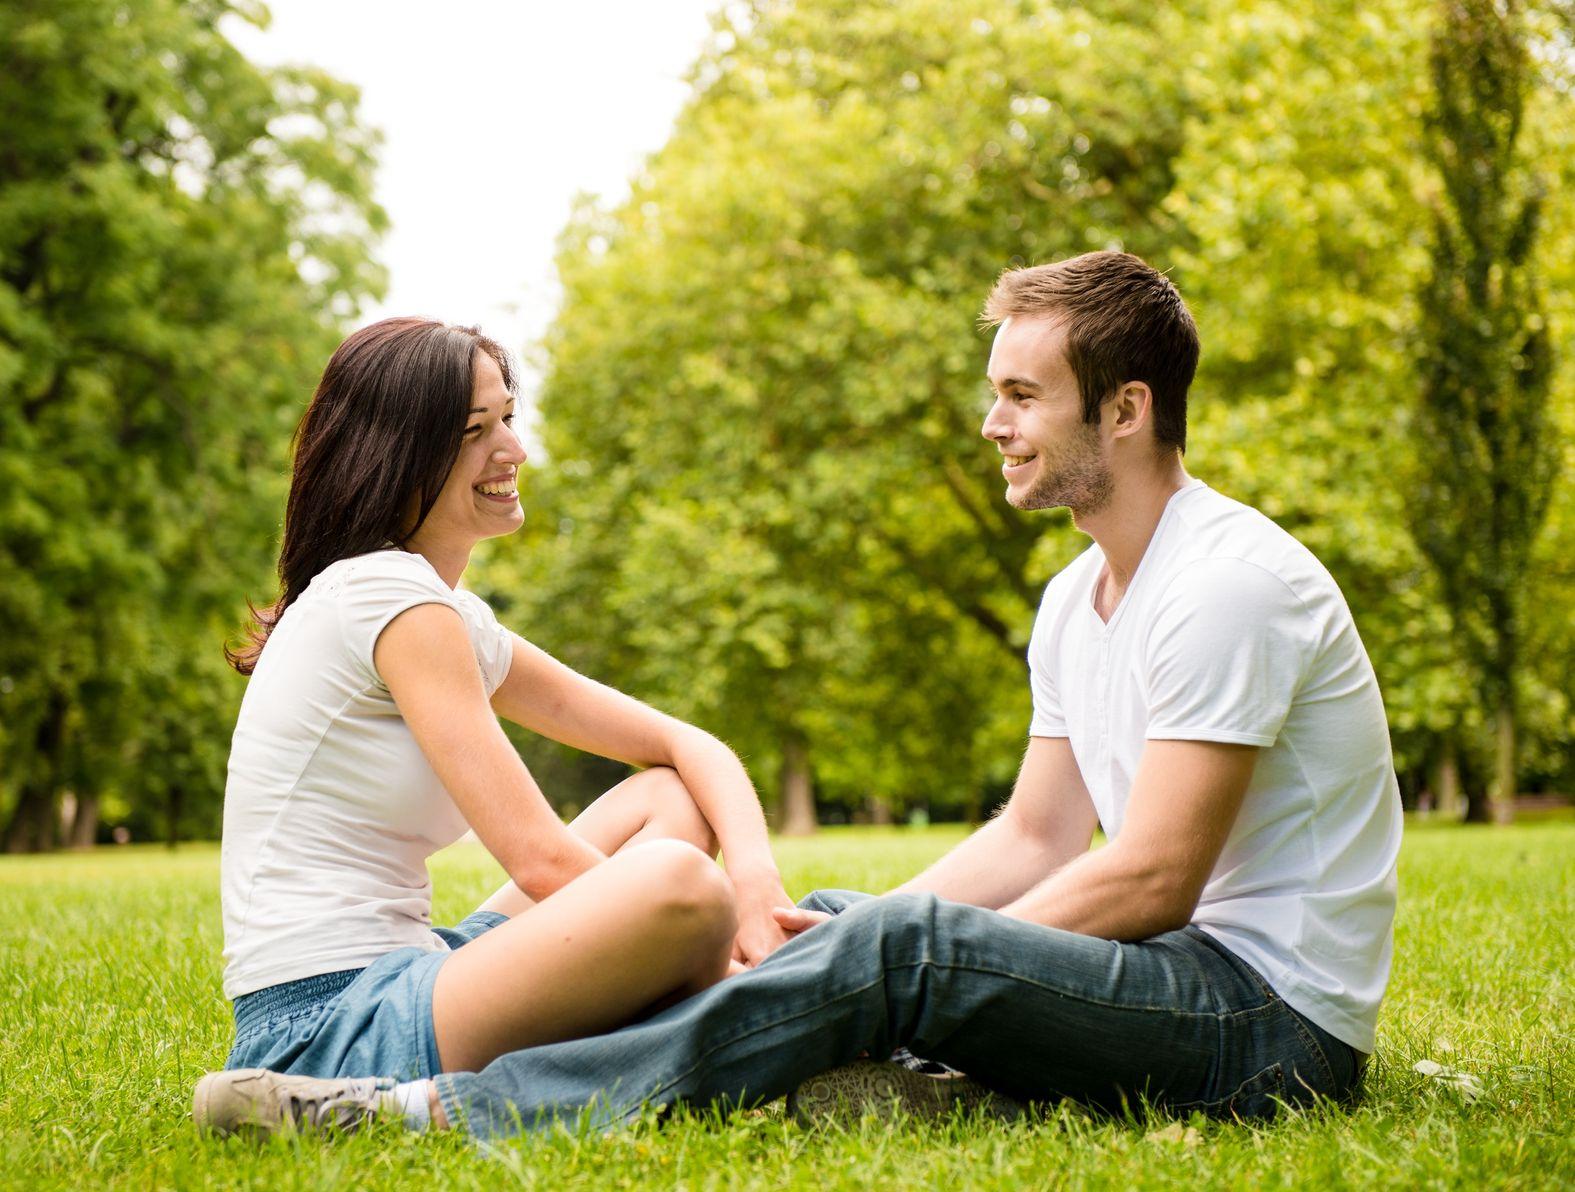 парень с девушкой сидят на земле в парке